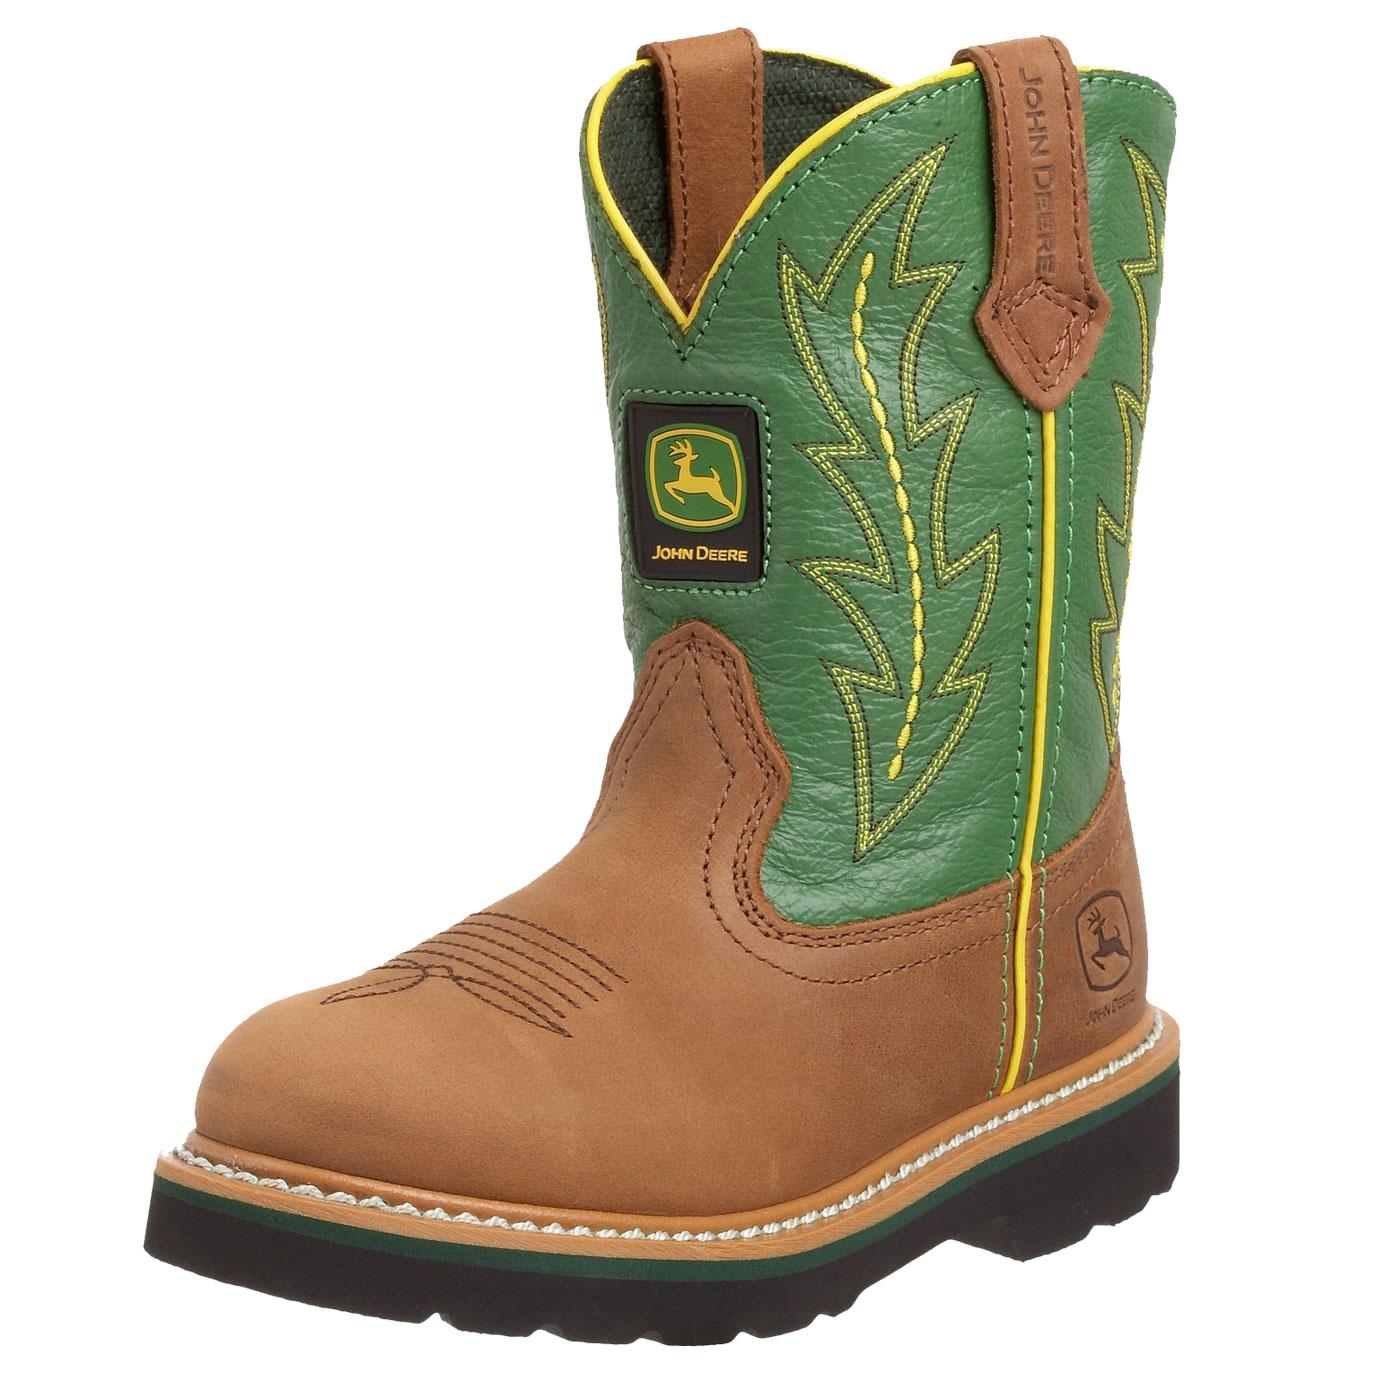 John Deere Children's Wellington Boot   QC Supply